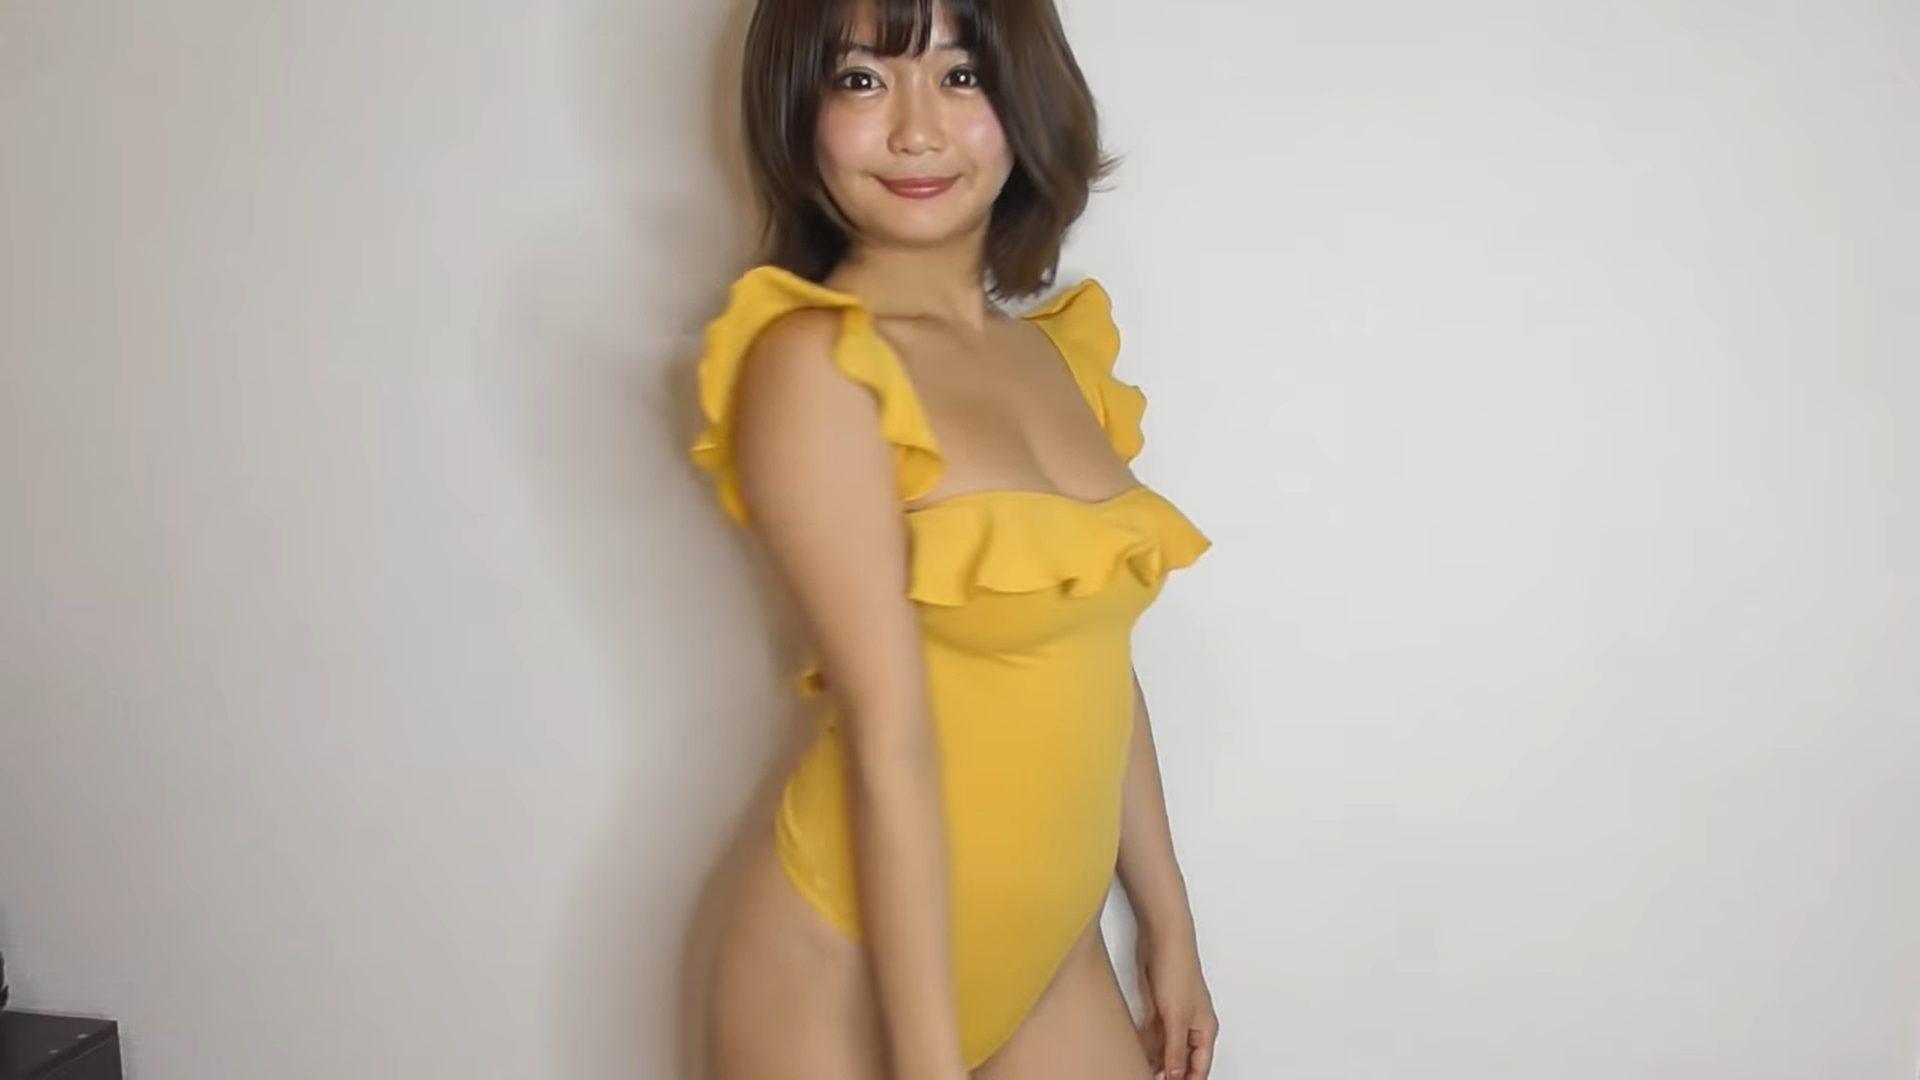 【藤田もも(桃咲あや)】Fカップ6 Tバック水着や冬服を紹介!水着姿を披露!